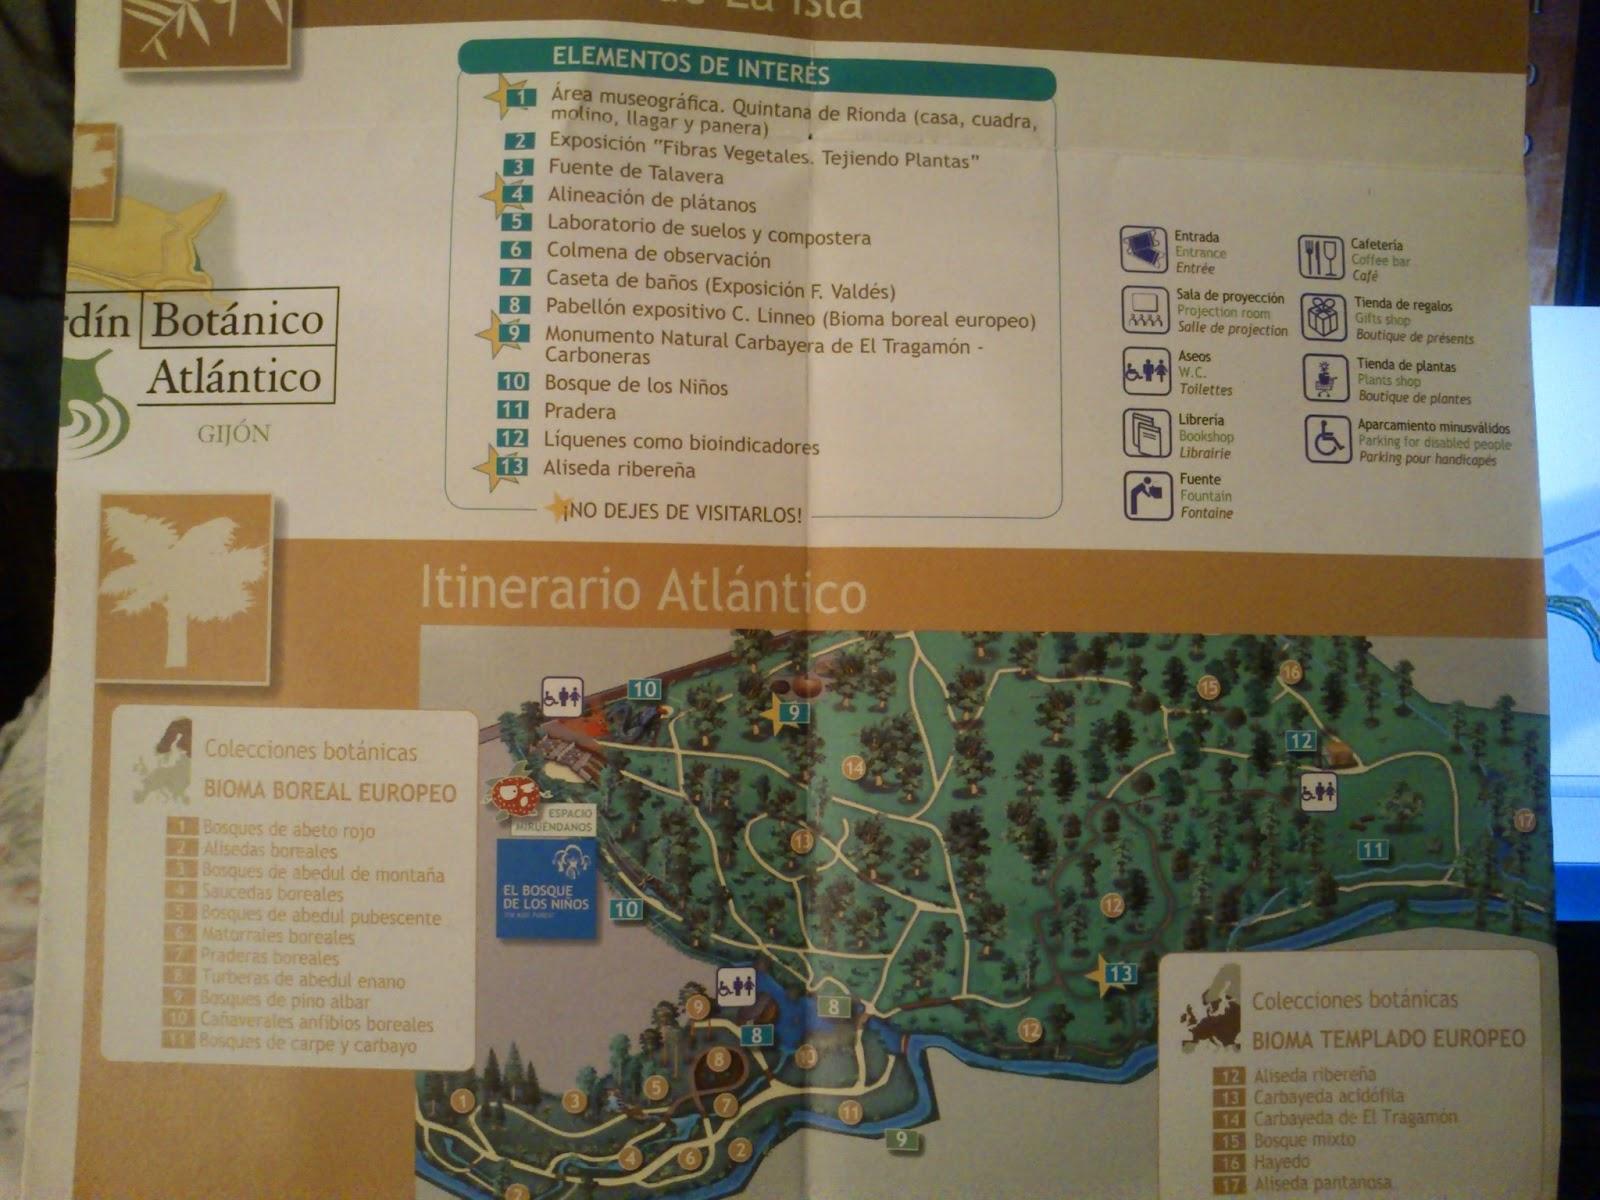 Descubriendo Gijon Jardin Botanico Atlantico